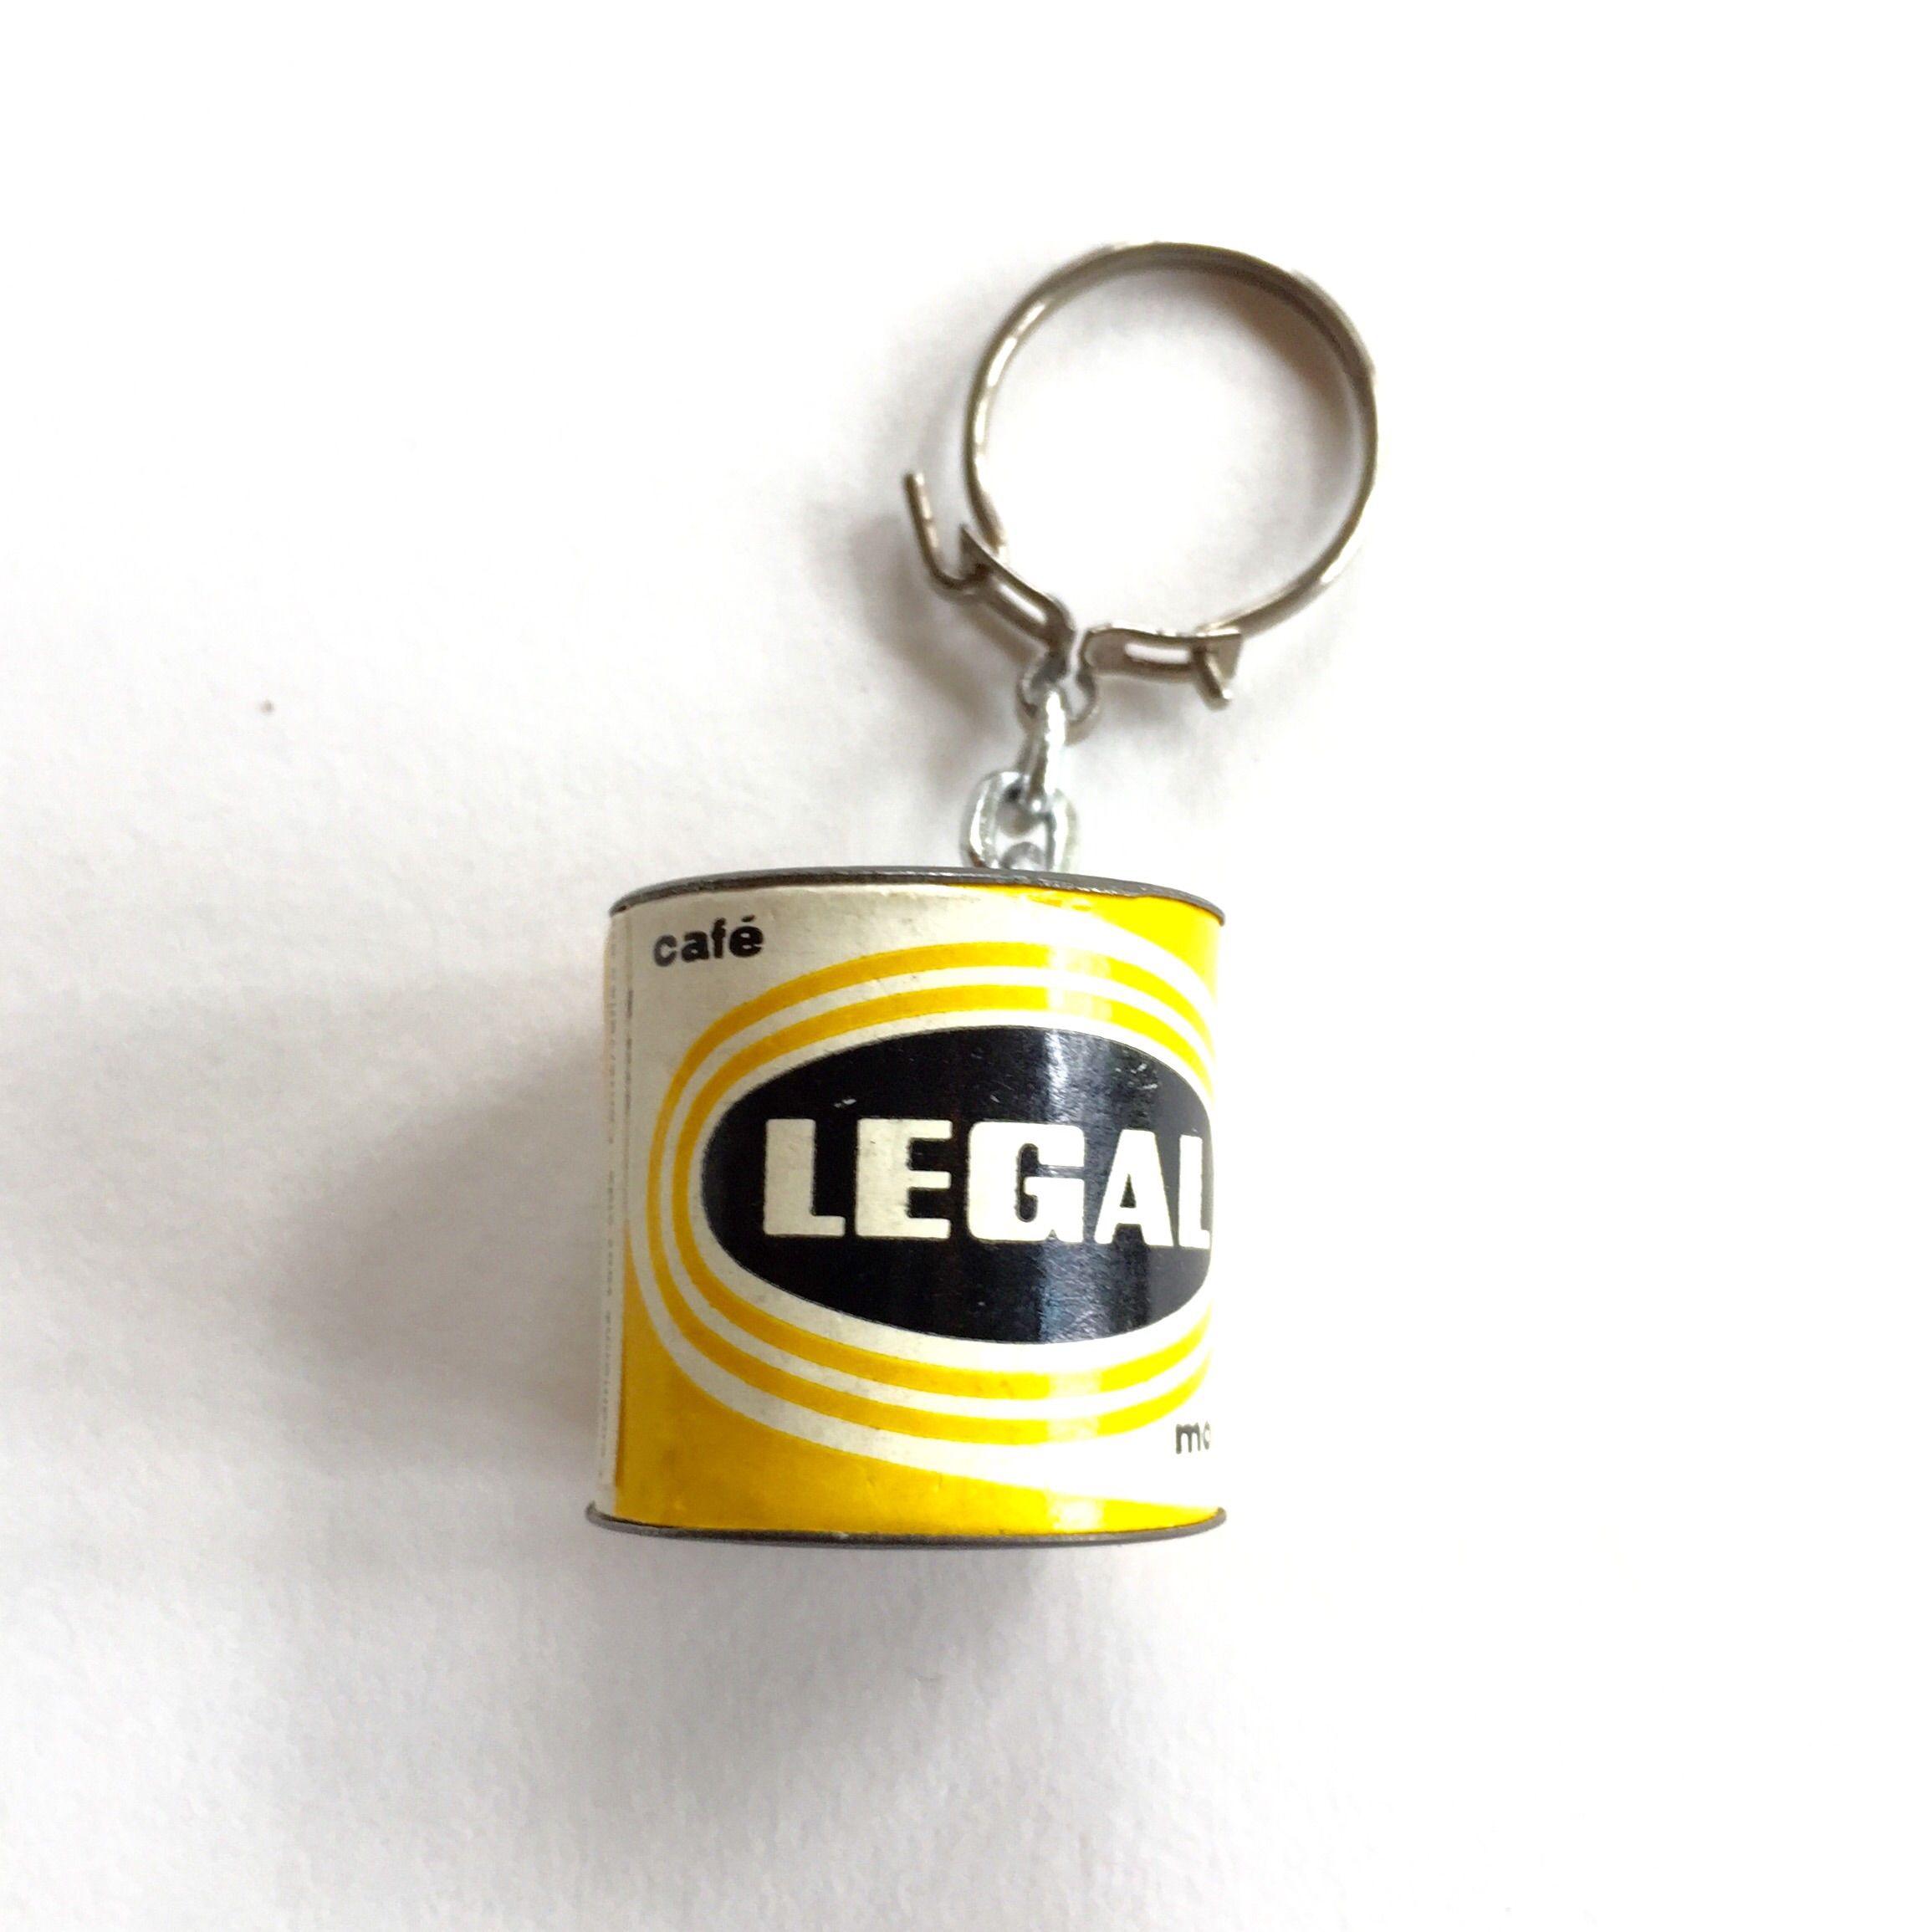 France 1960's キーホルダー CAFE LEGAL コーヒー缶